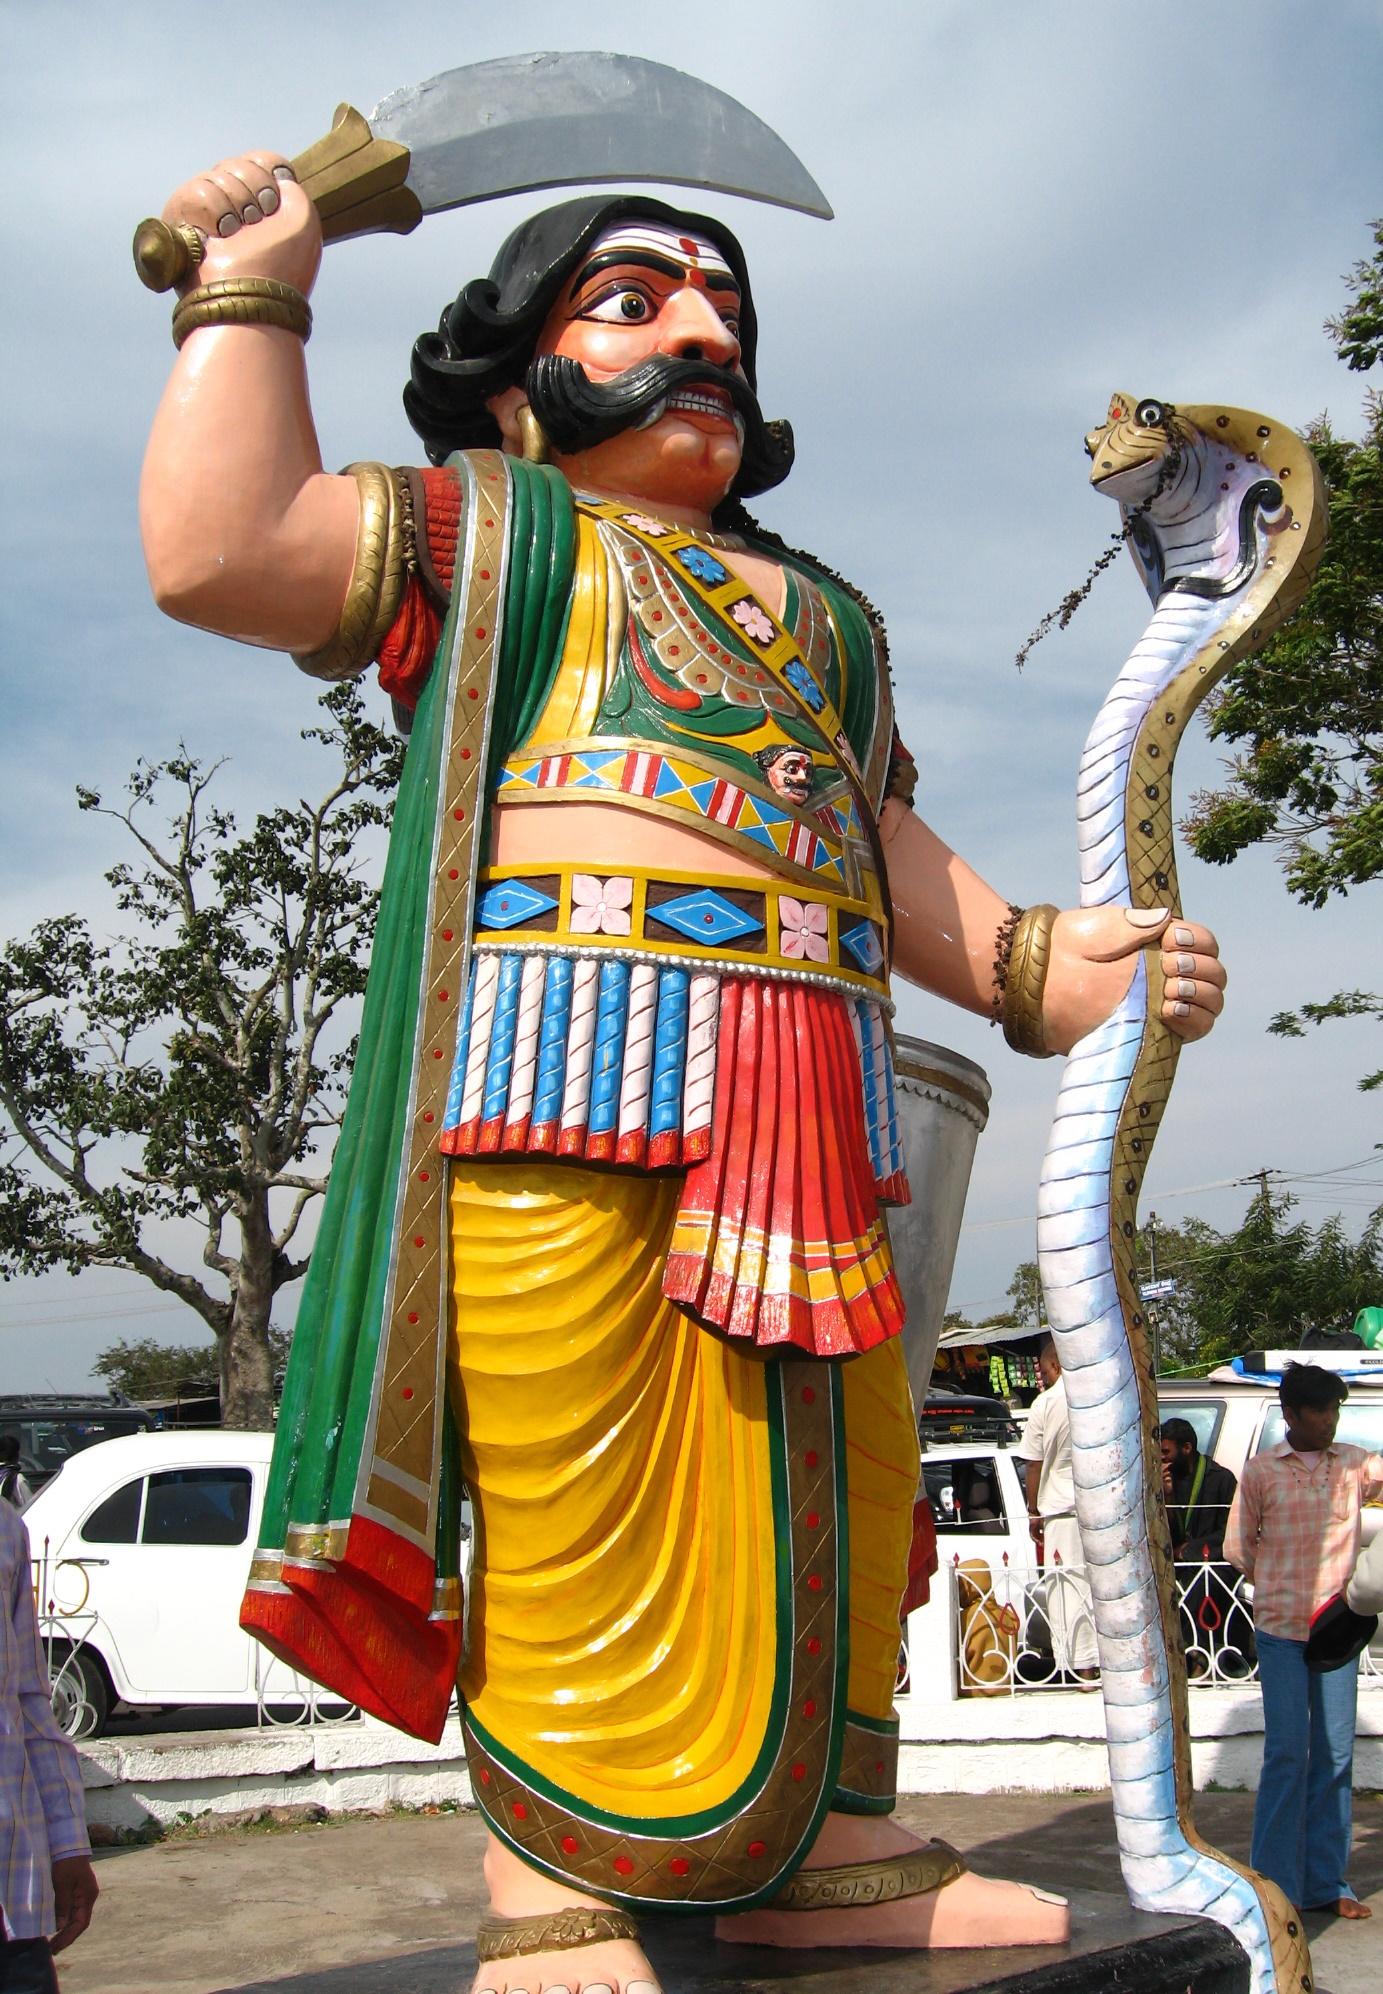 File:Mahisha jpg - Wikimedia Commons